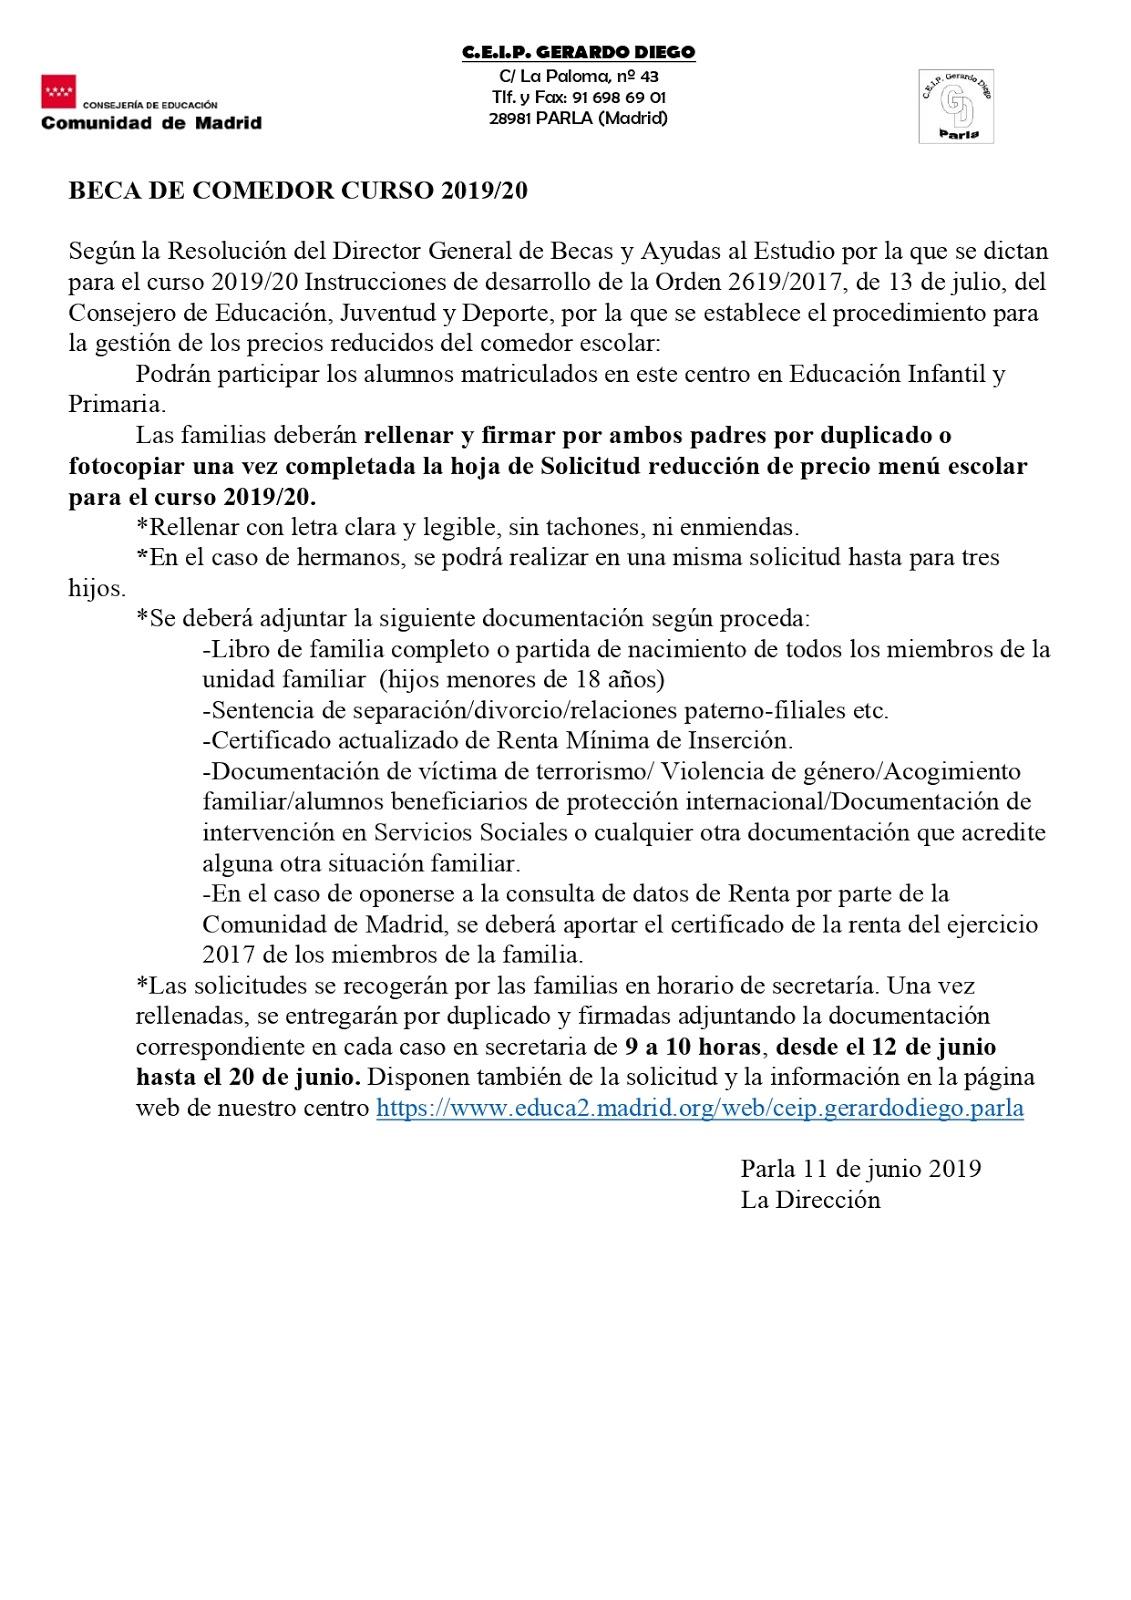 CEIP GERARDO DIEGO (PARLA): BECAS DE COMEDOR